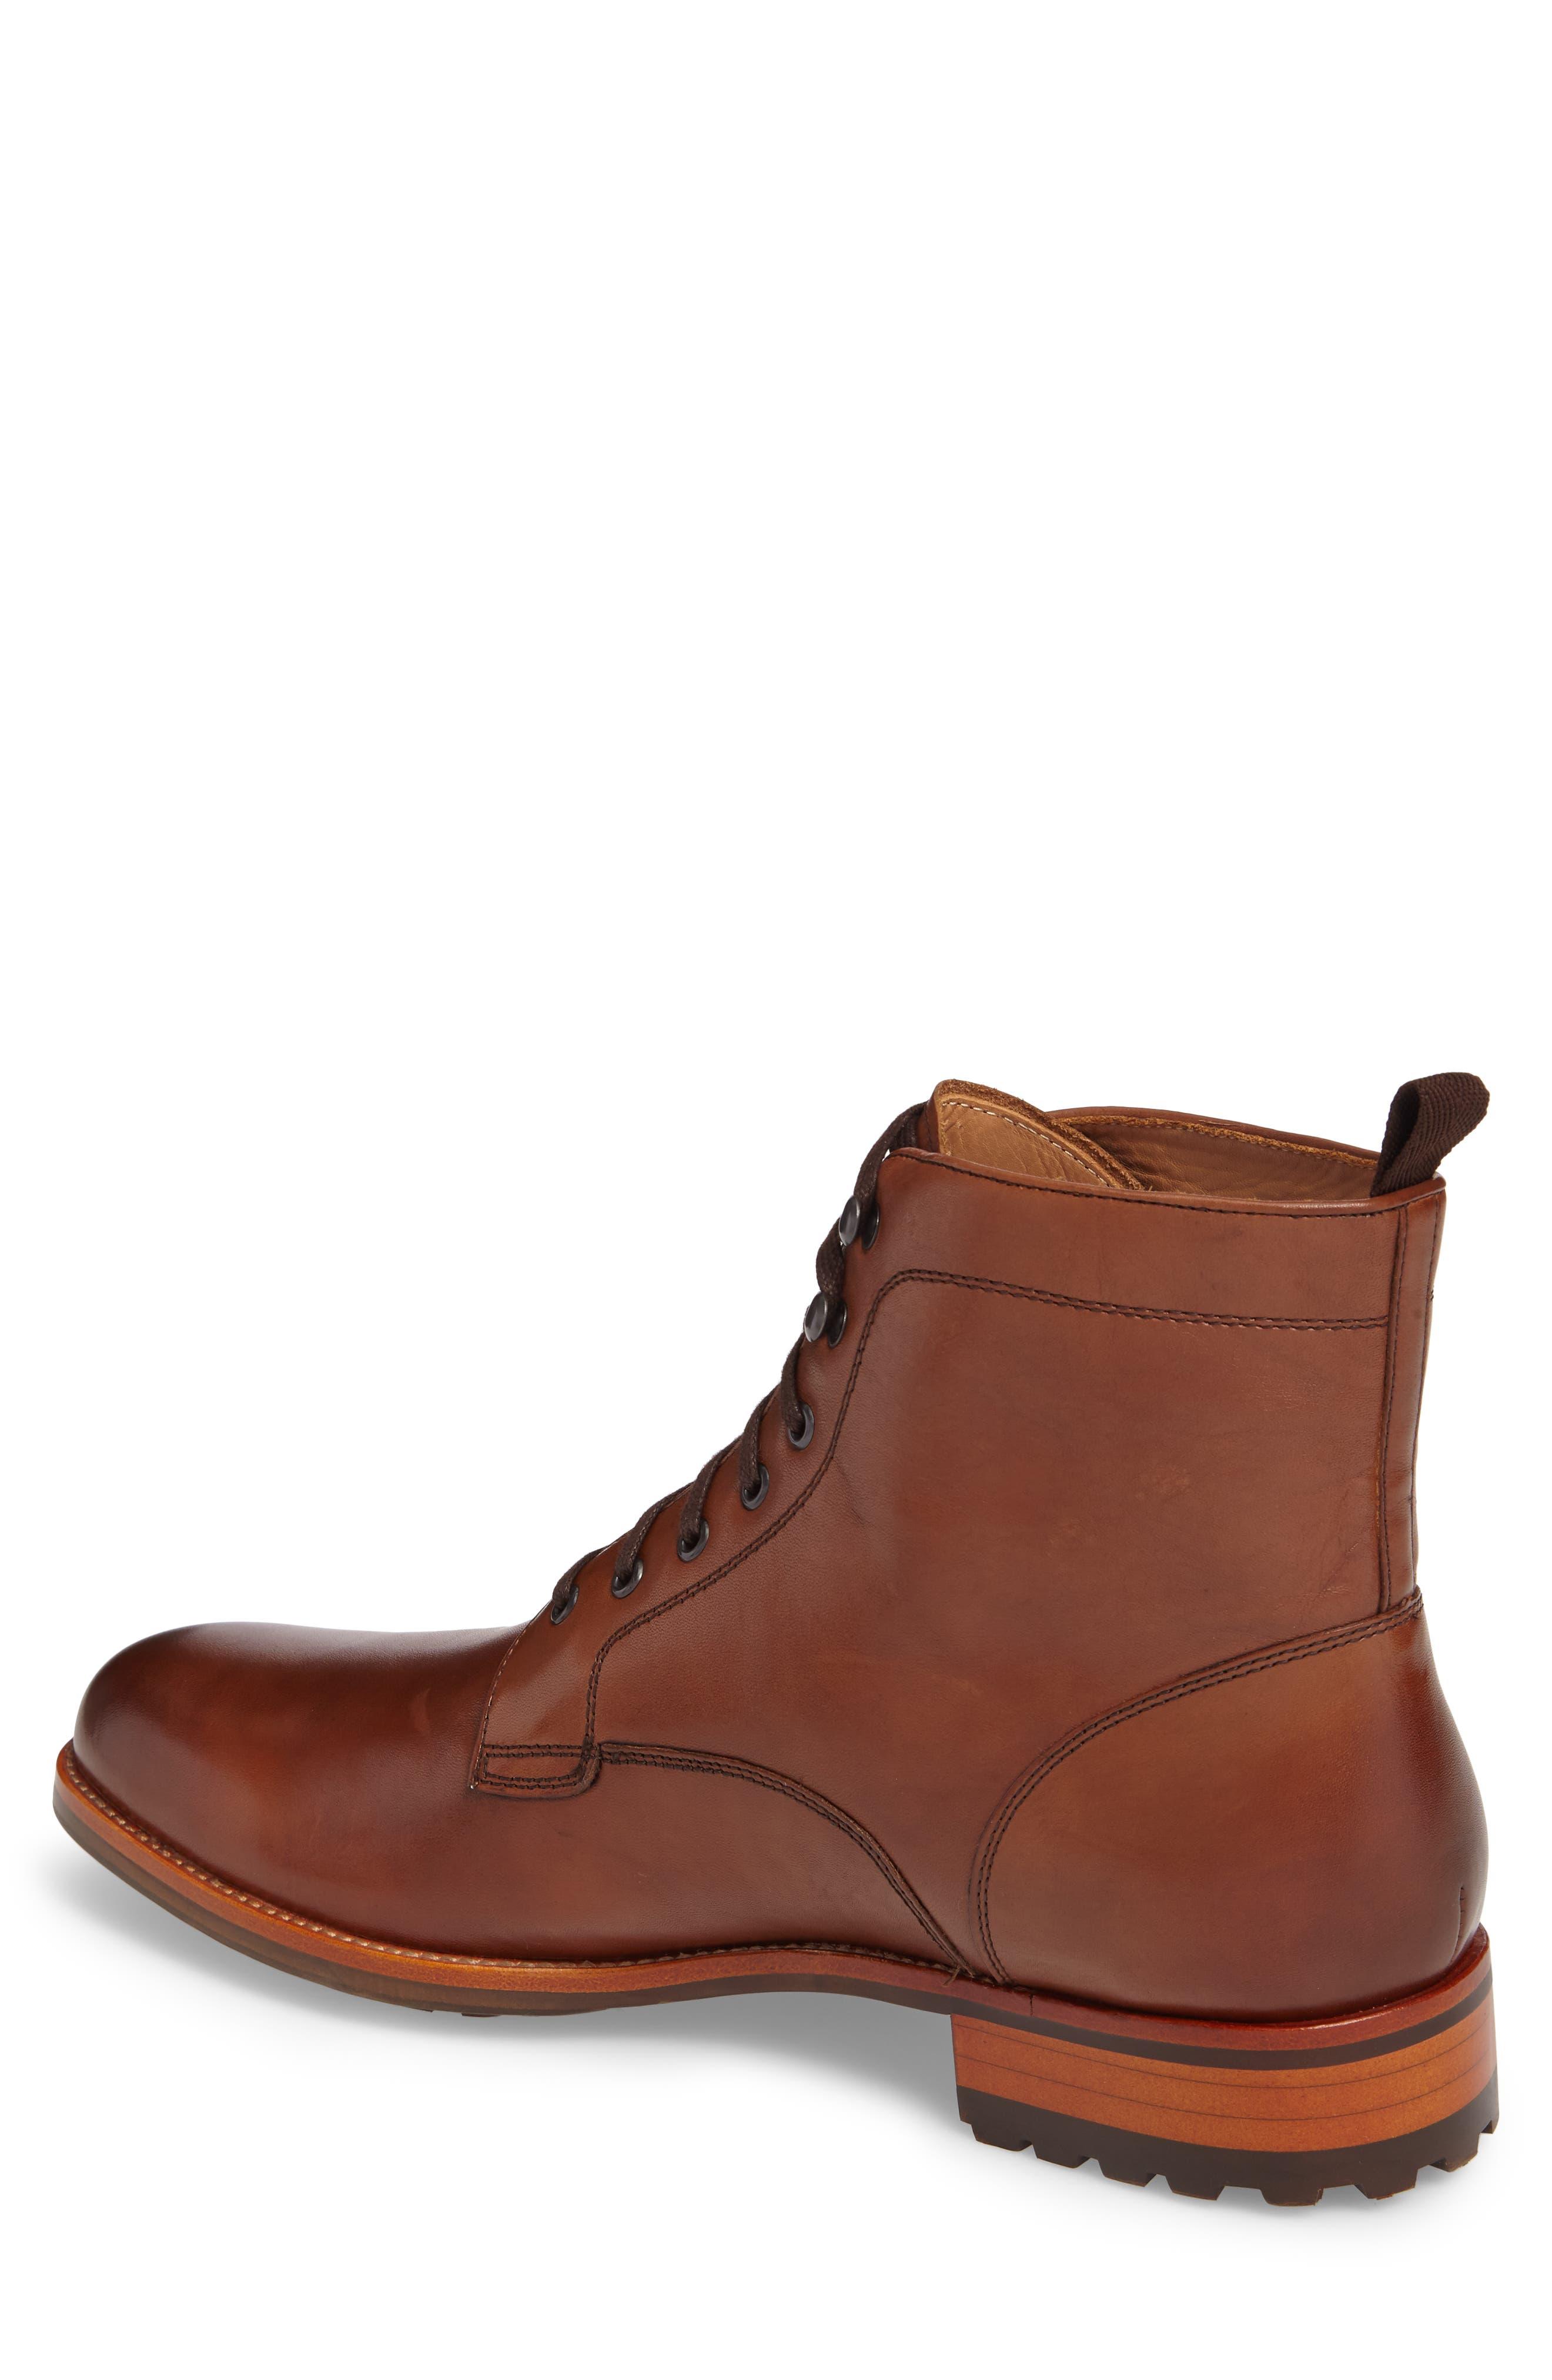 Alternate Image 2  - John W. Nordstrom® Axeford Plain Toe Boot (Men)